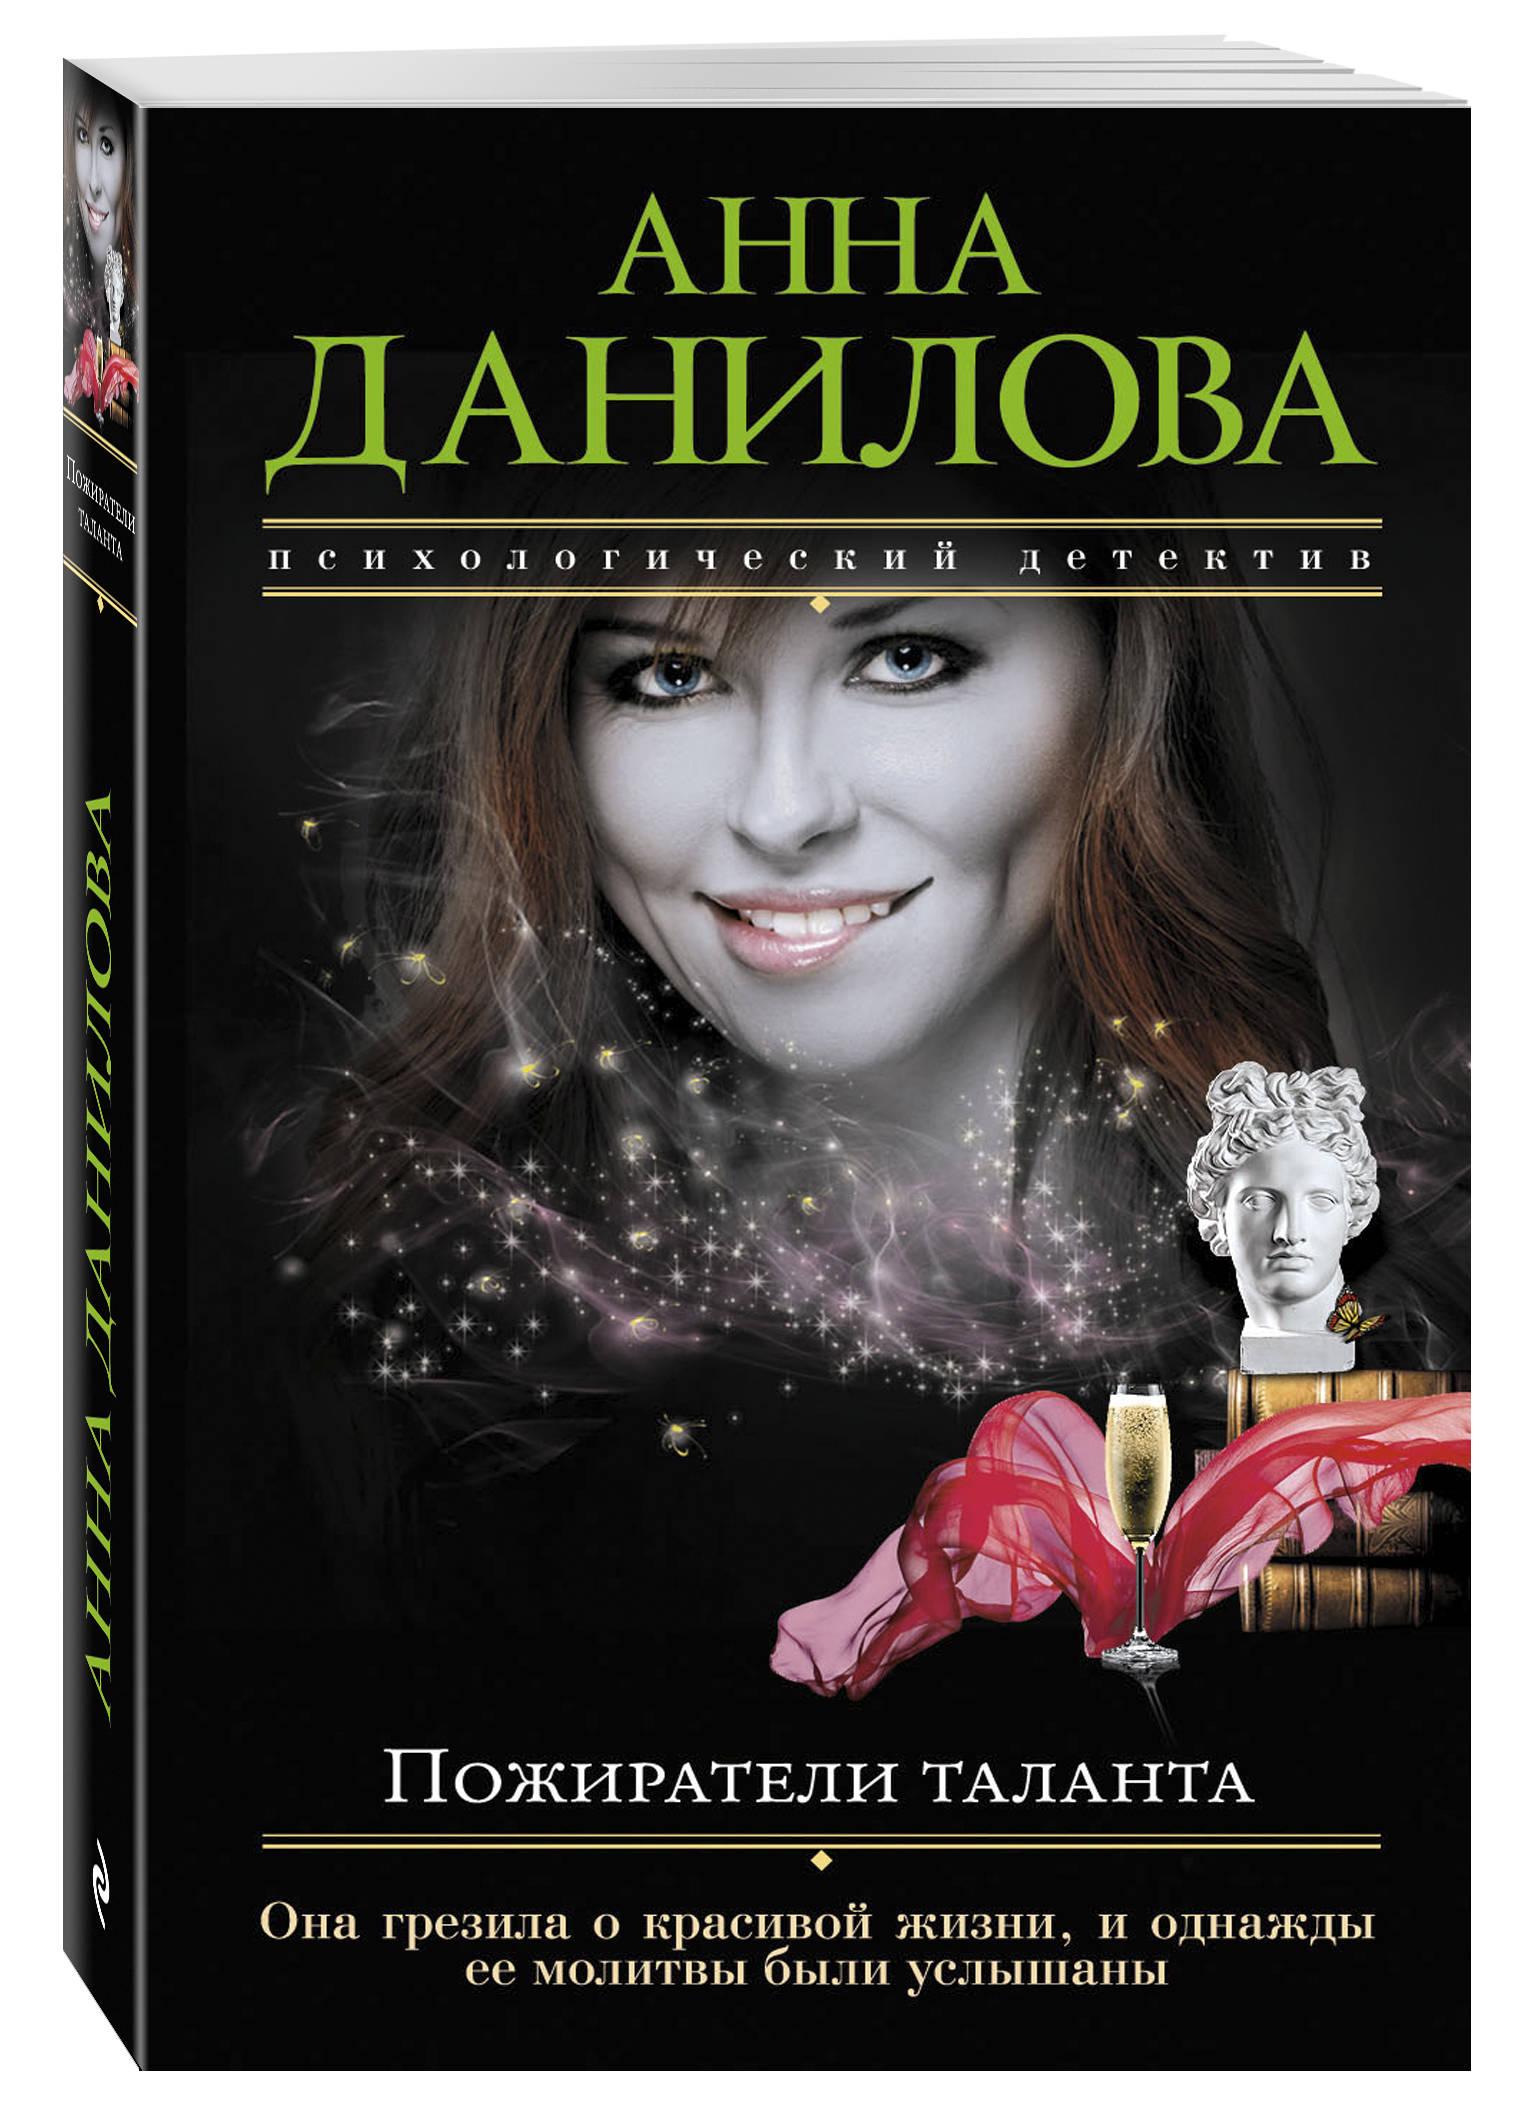 Анна Данилова Пожиратели таланта данилова анна васильевна пожиратели таланта isbn 978 5 699 92184 3